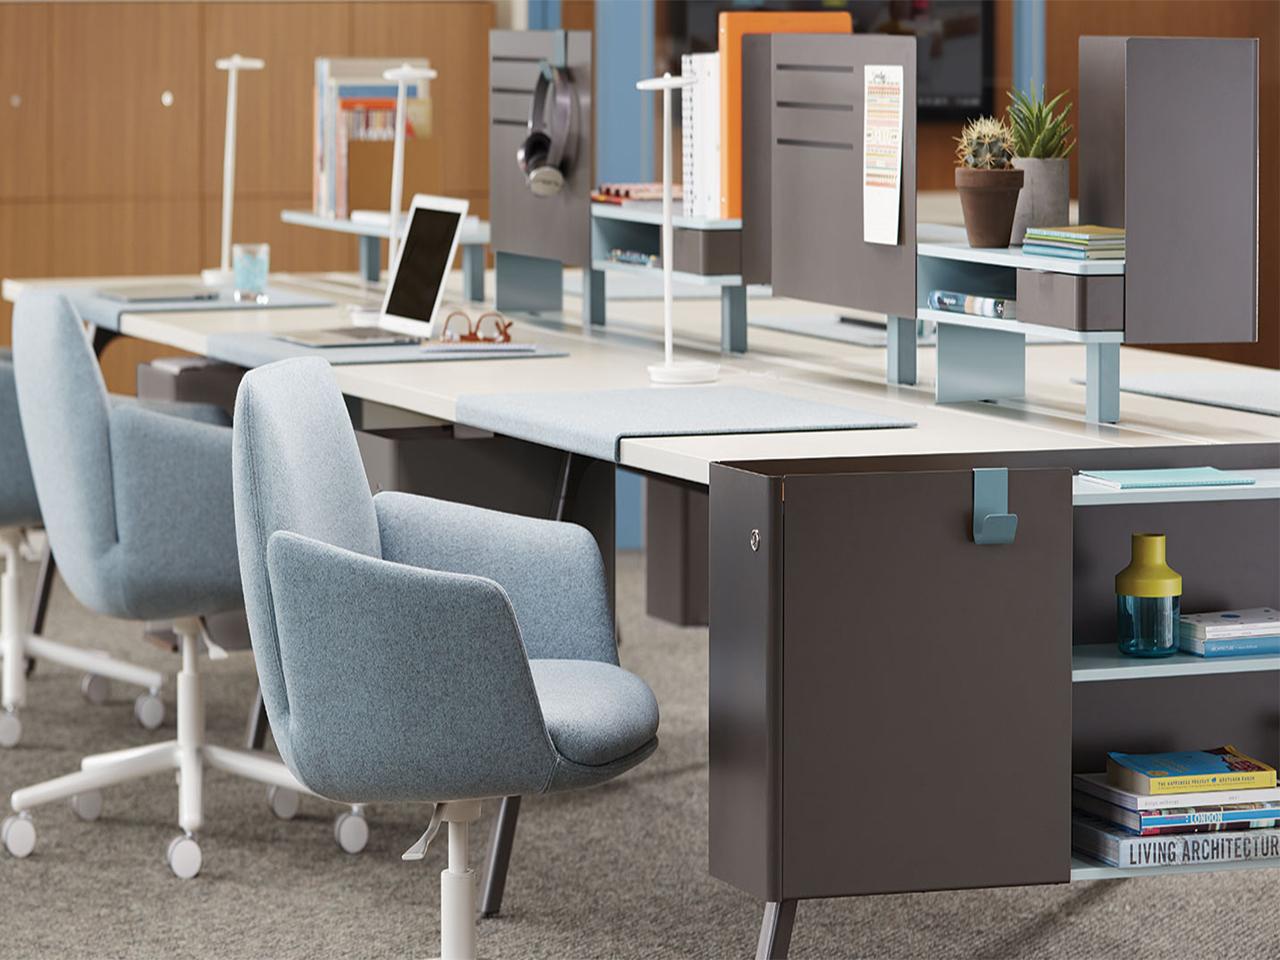 Spatio équipement mobilier de bureaux spatio aménagement